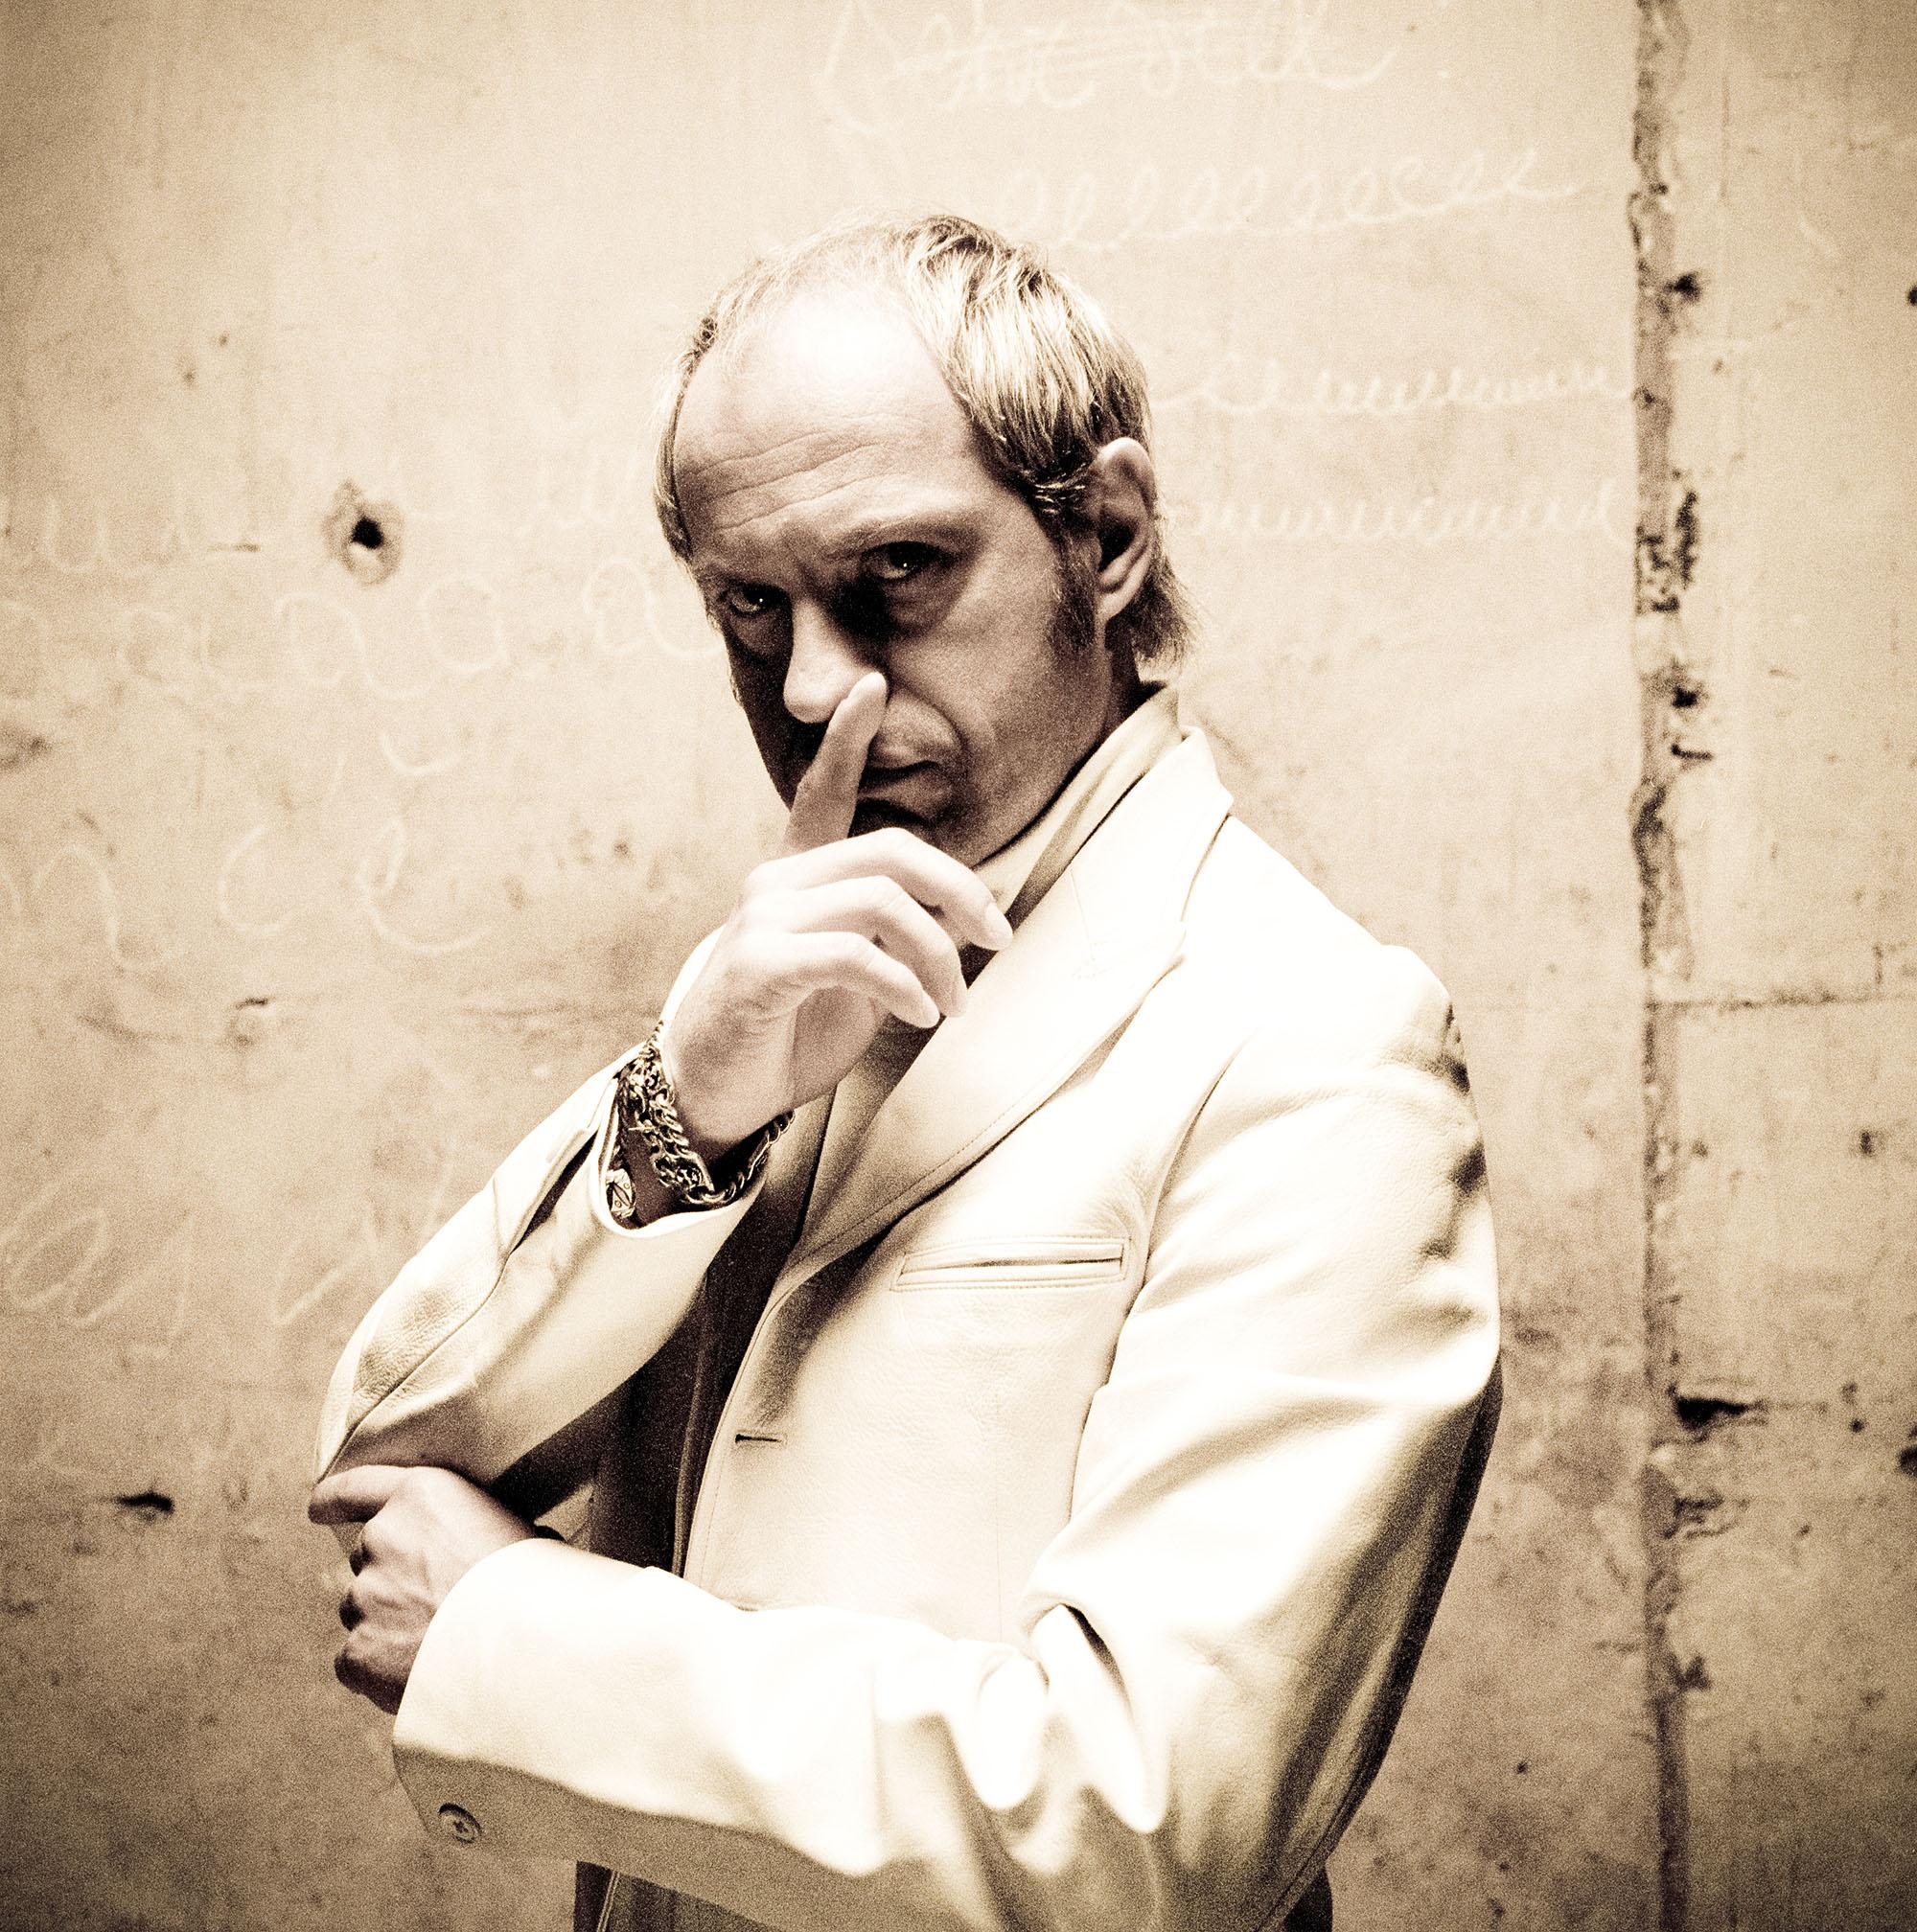 6b  Uwe Ochsenknecht – actor a.